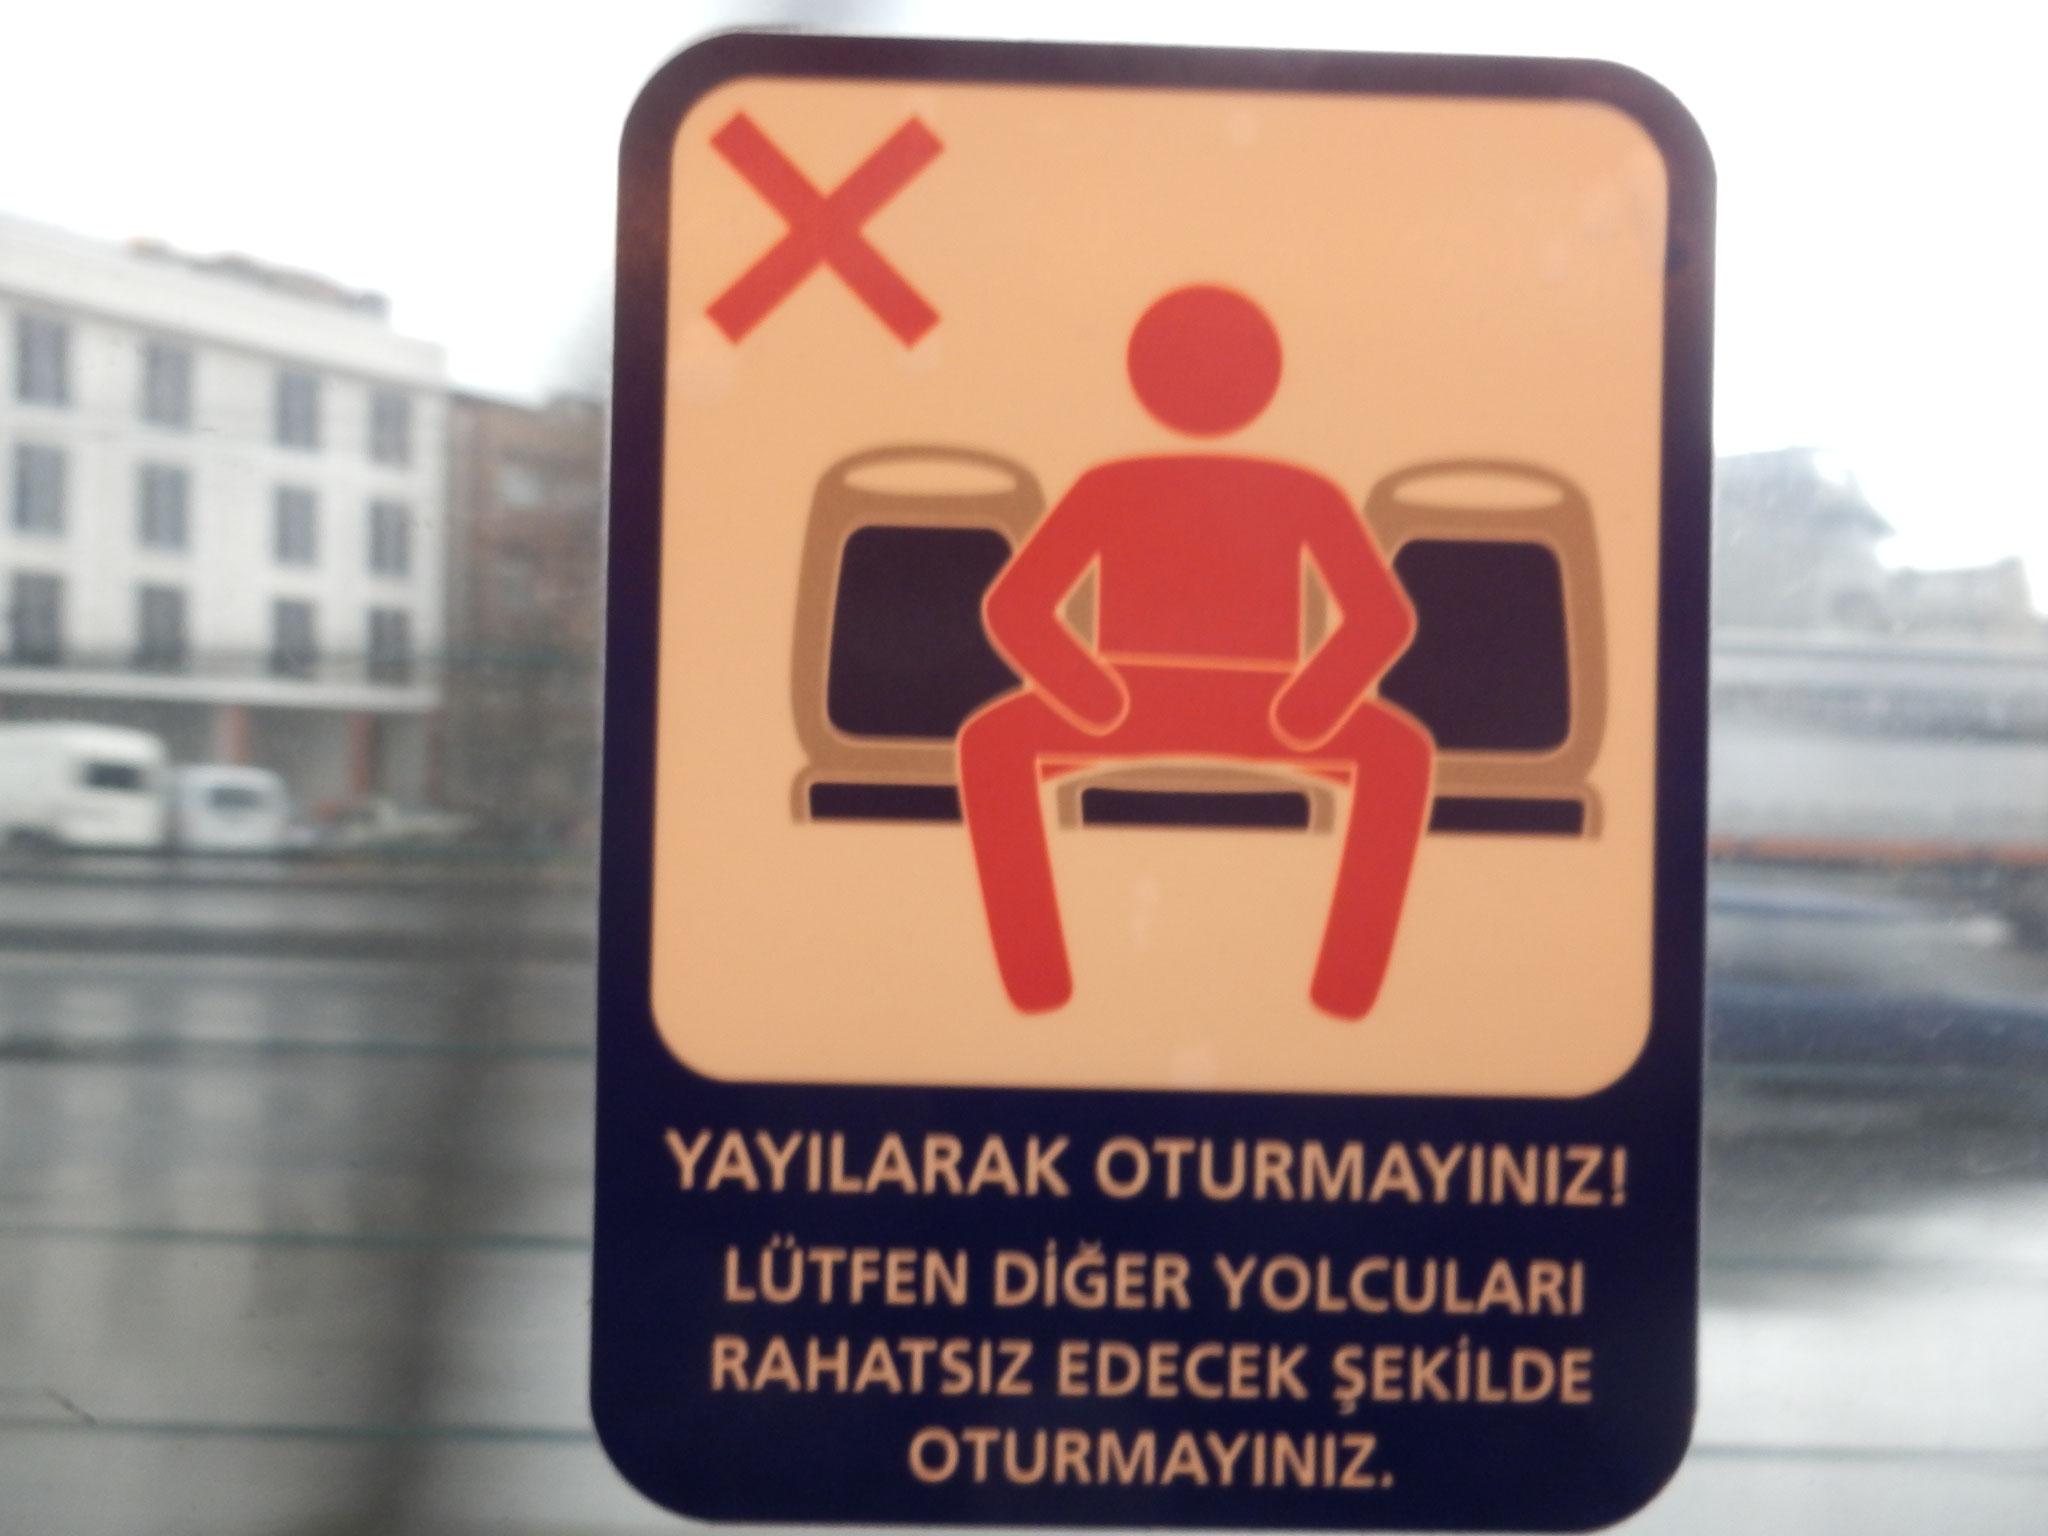 足を広げて座らないでください